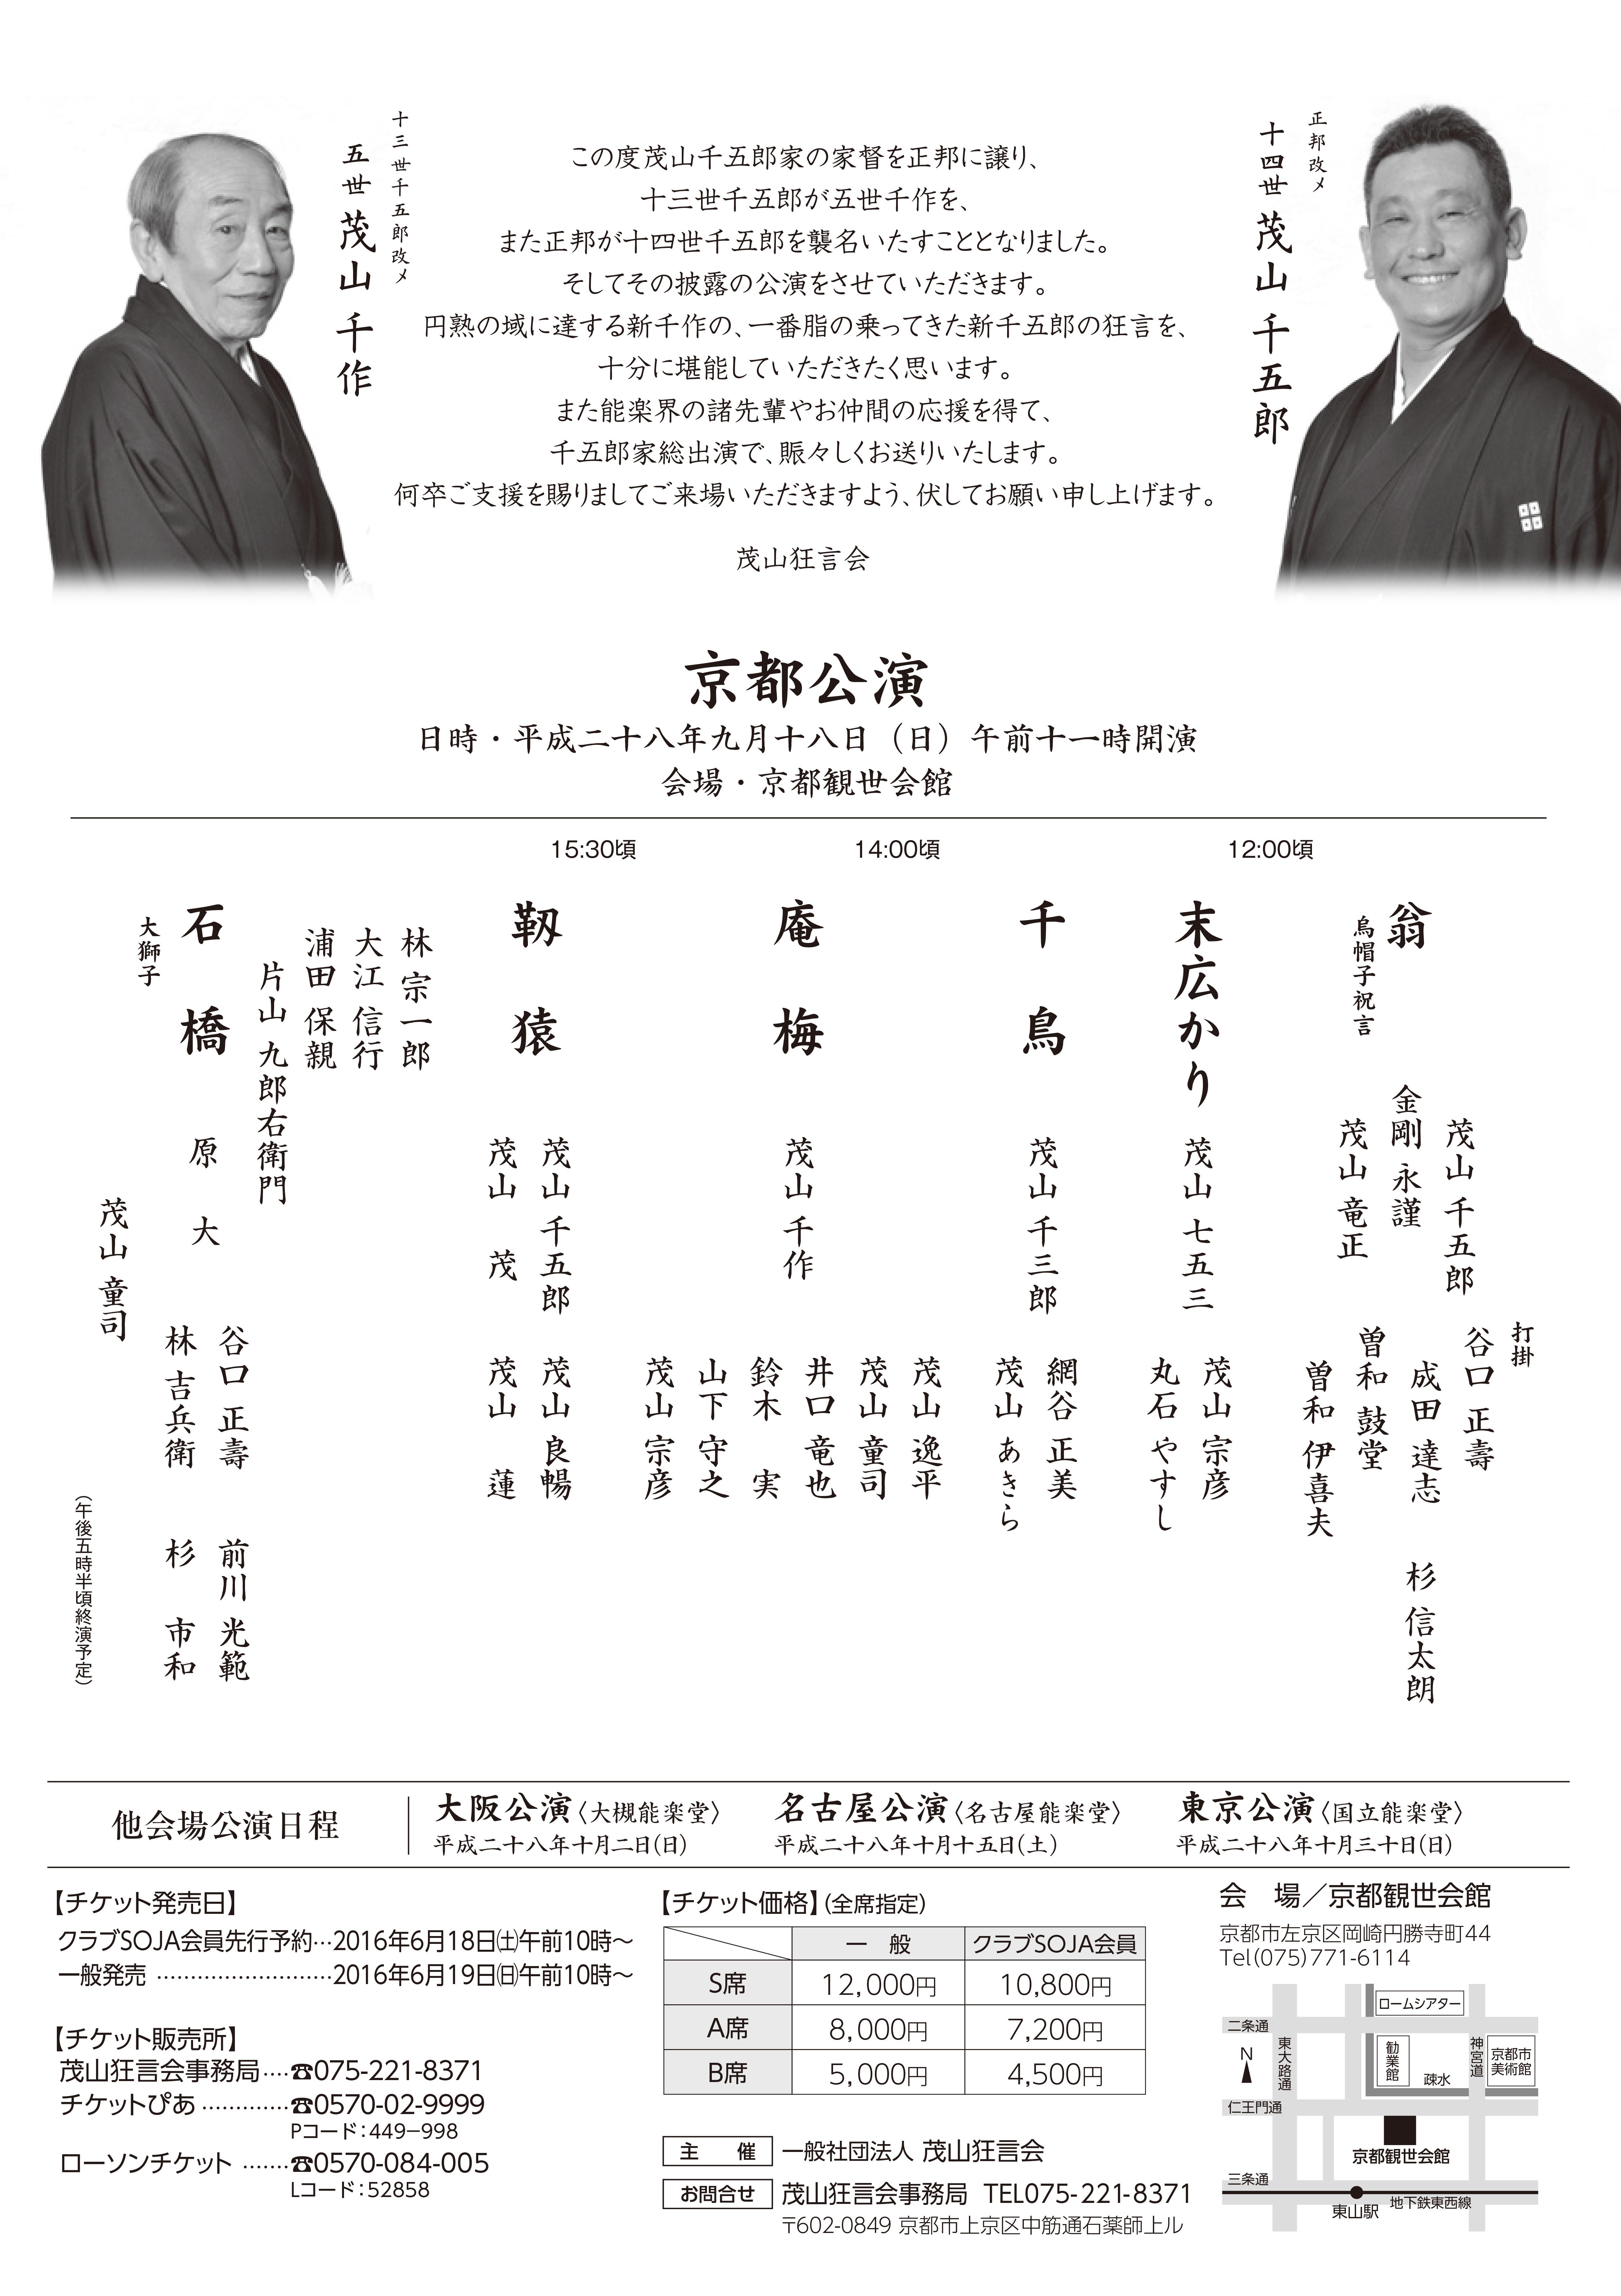 2016茂山狂言会_チラシ裏面